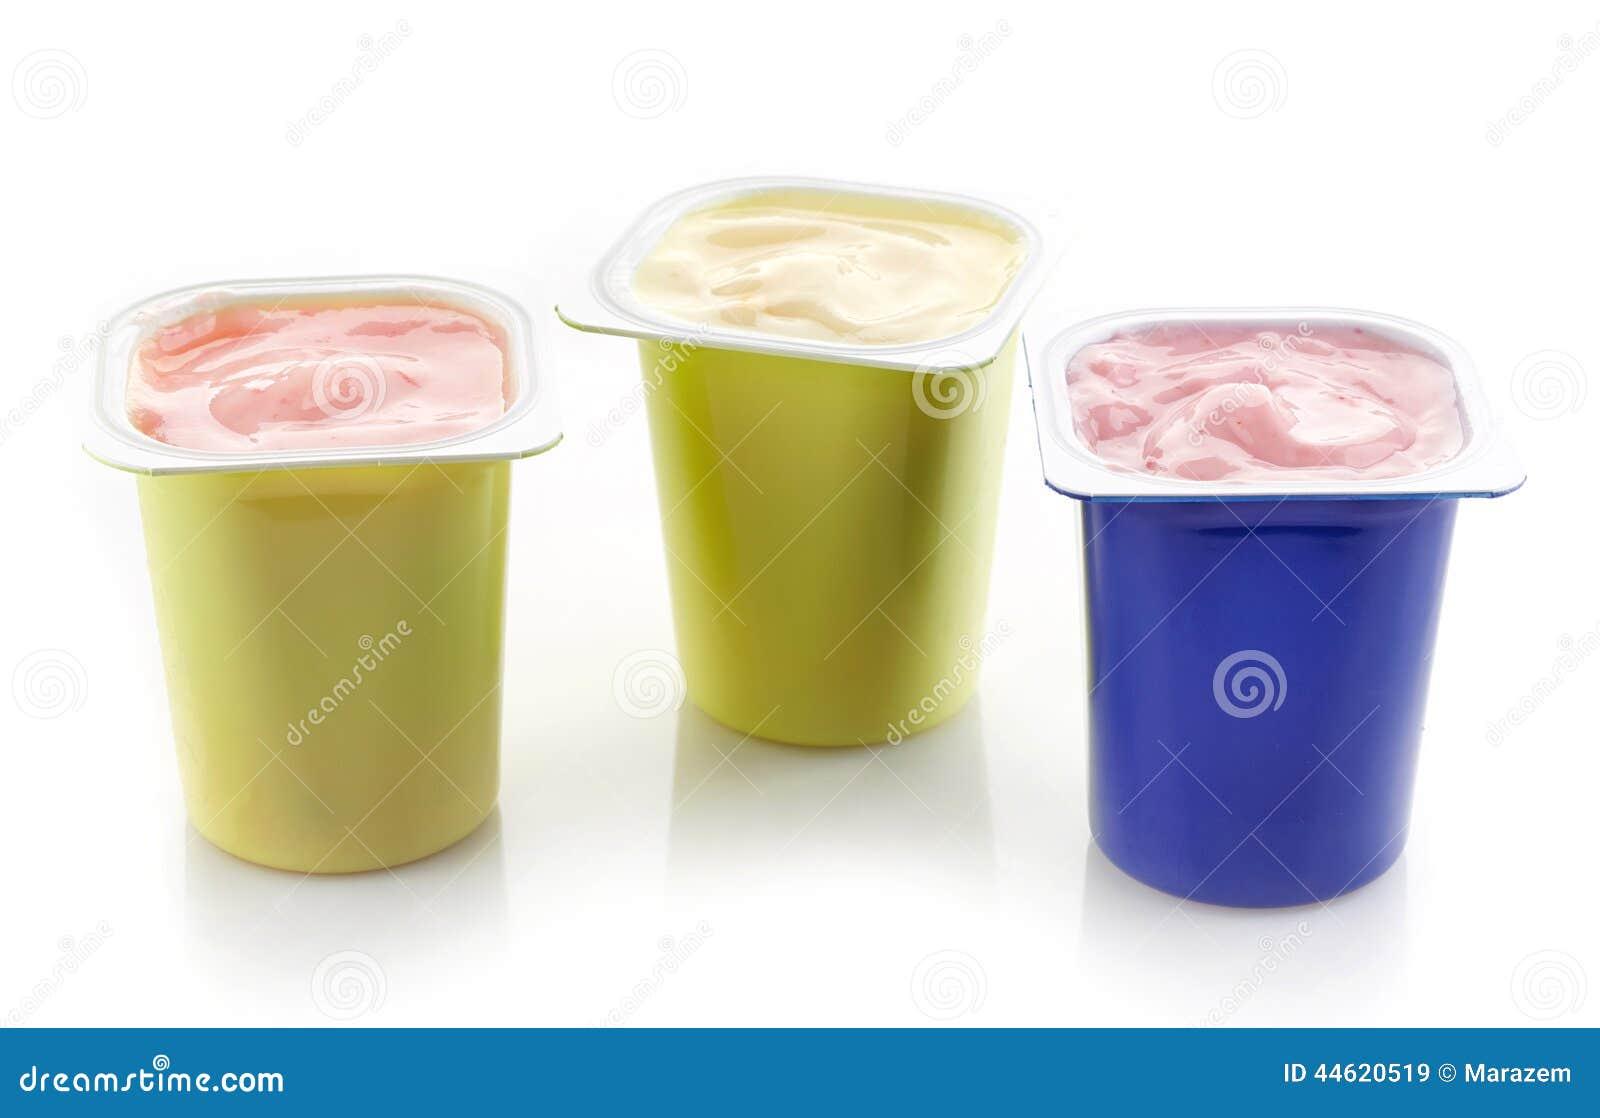 divers pots en plastique de yaourt photo stock image 44620519. Black Bedroom Furniture Sets. Home Design Ideas